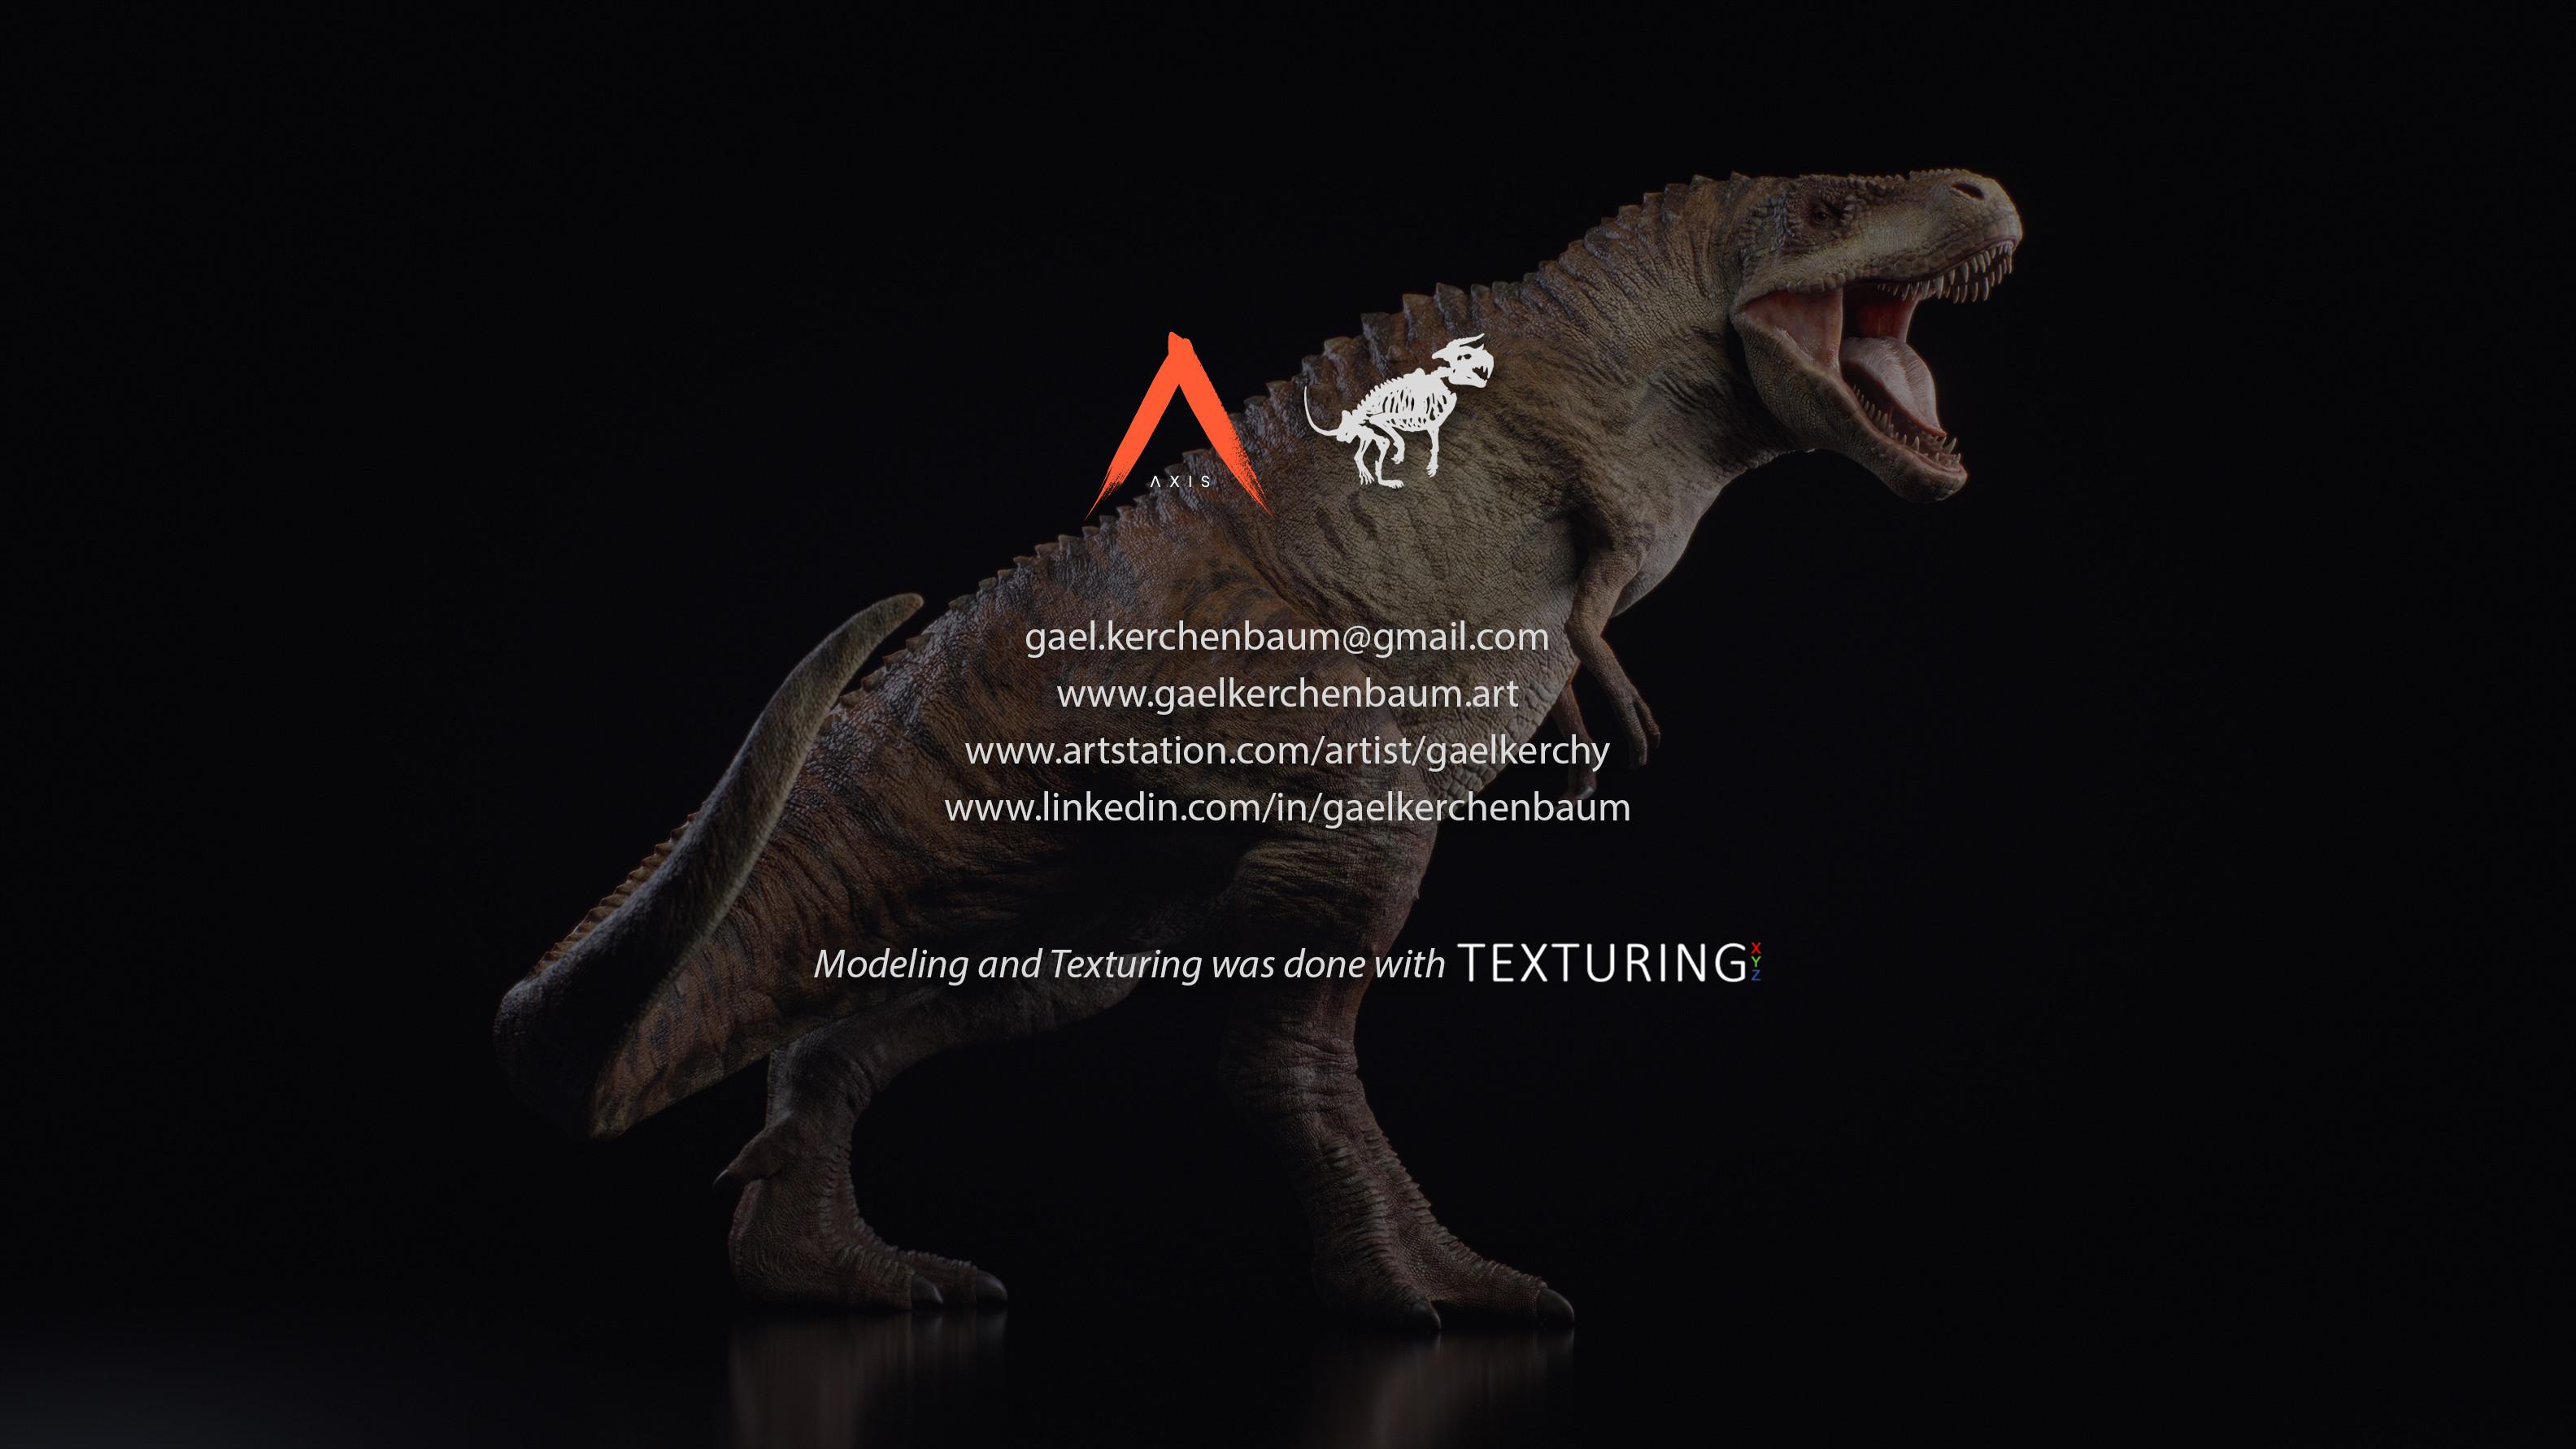 http://www.axisanimation.com/ https://texturing.xyz/ https://www.gaelkerchenbaum.art/